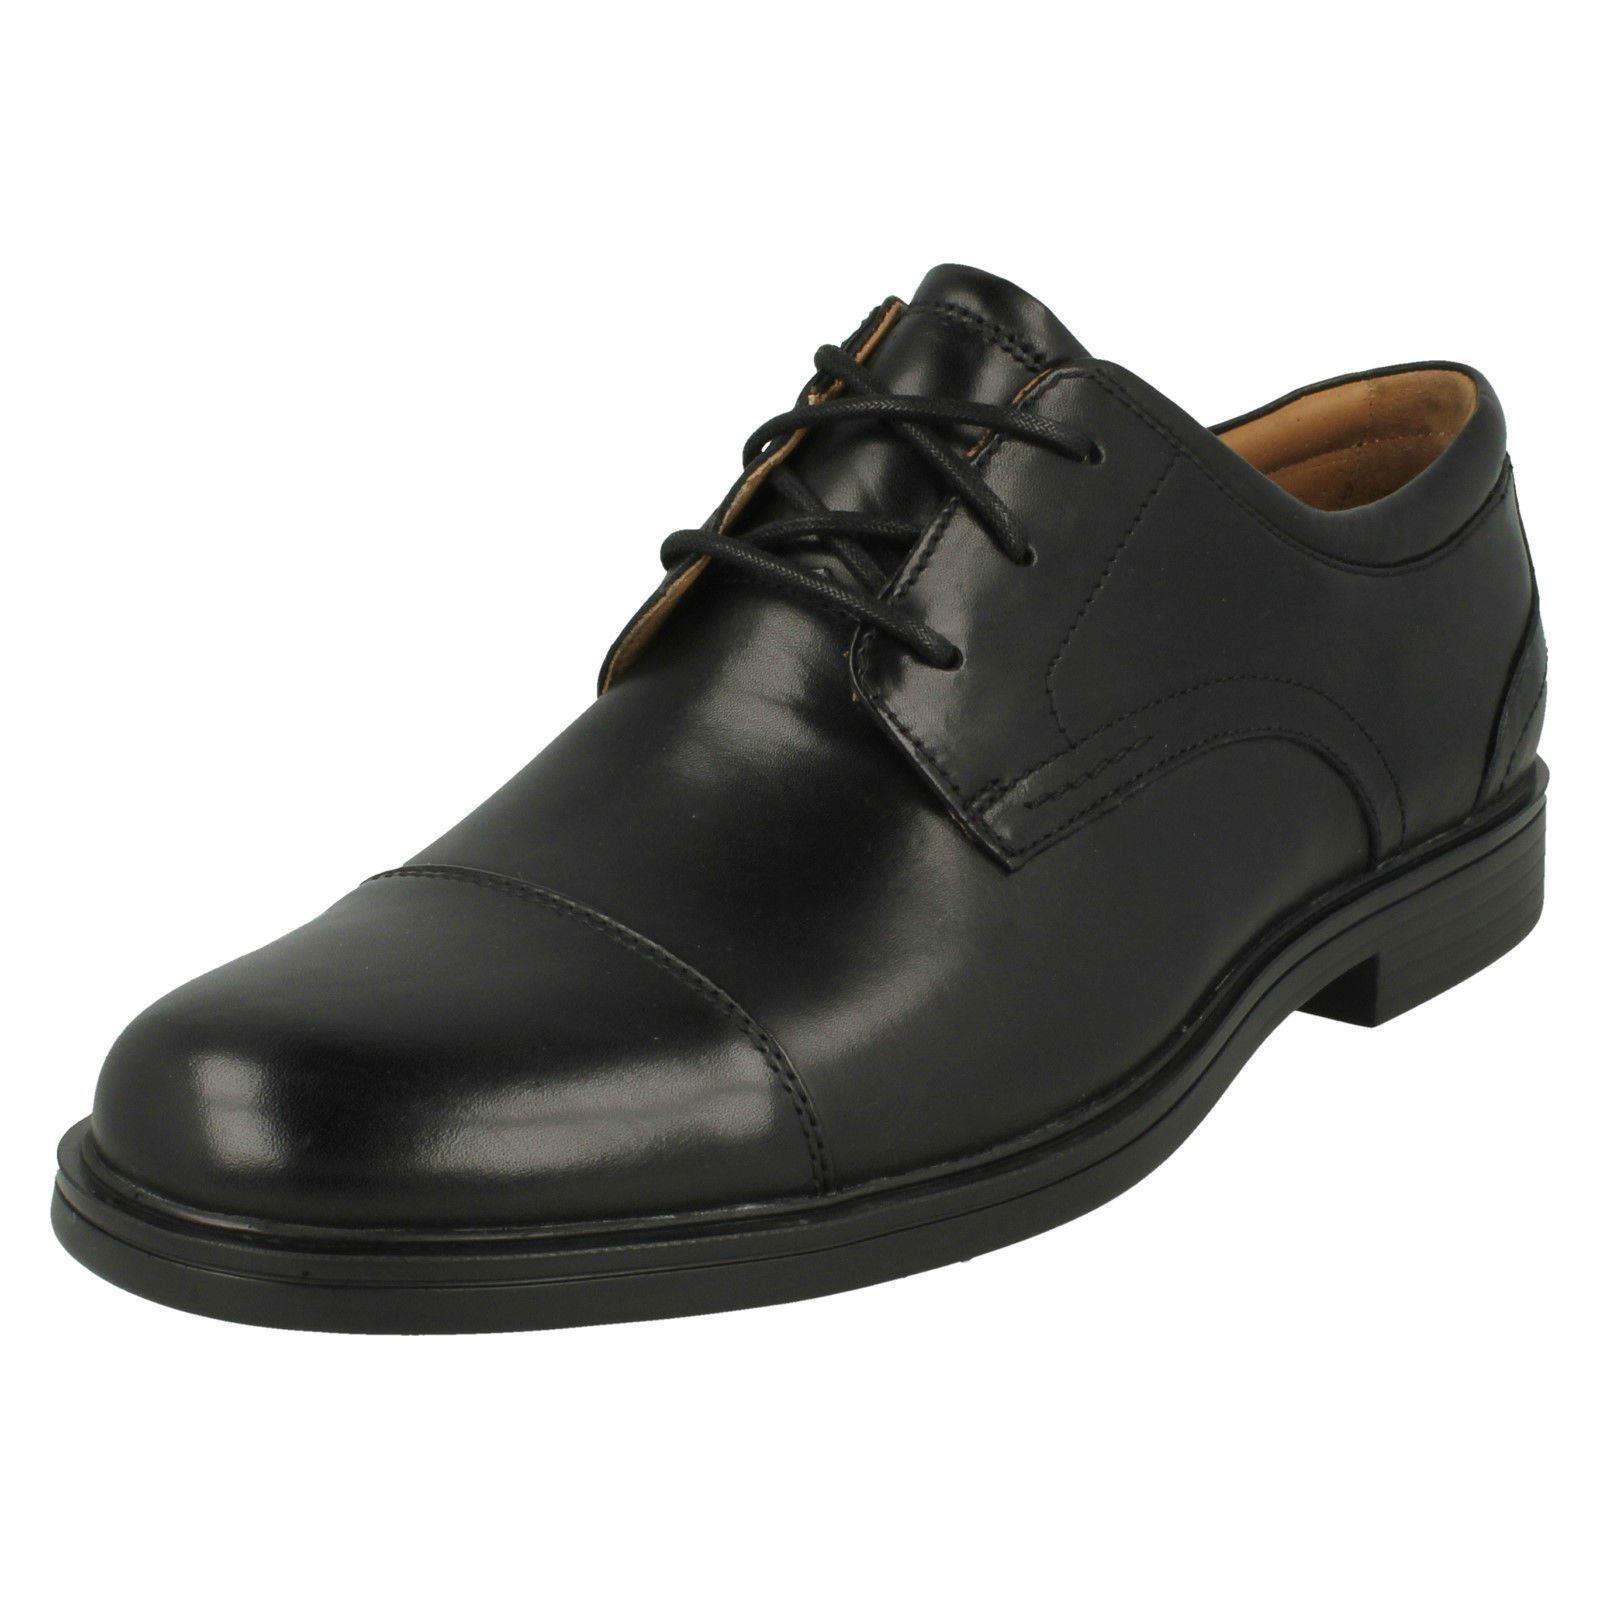 Men's Unstructured by Clarks Formal Lace Up Shoes Un Aldric Cap